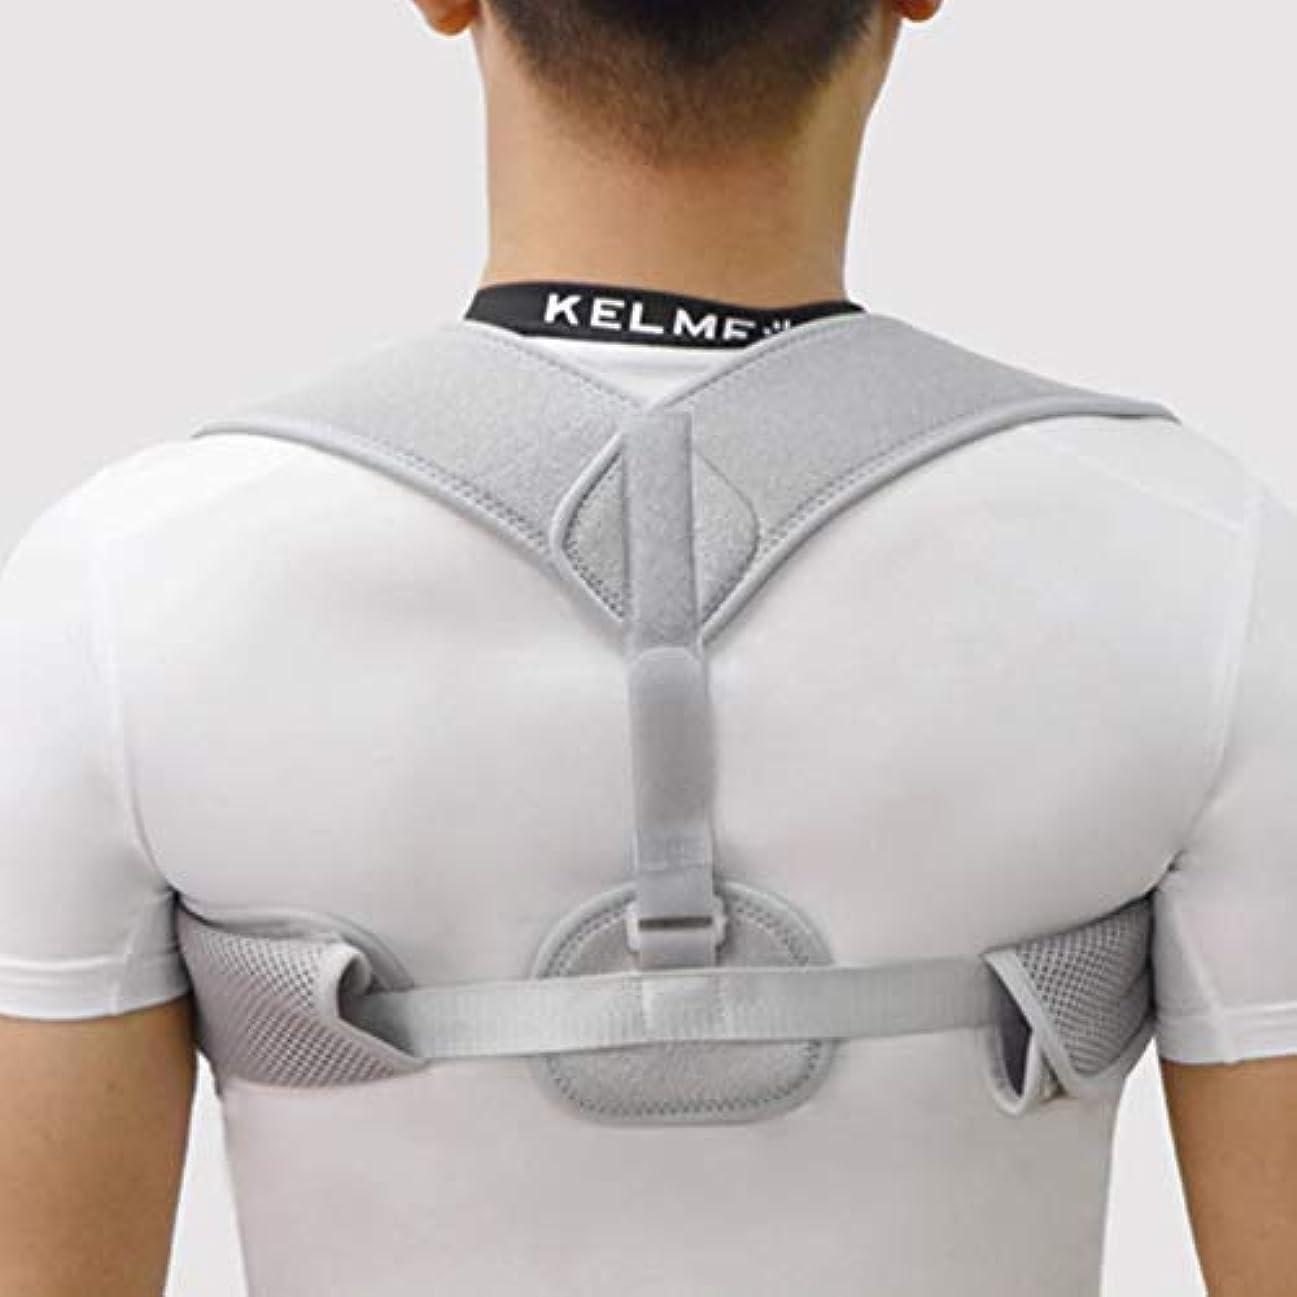 シーケンスタイプ必要ない新しいアッパーバックポスチャーコレクター姿勢鎖骨サポートコレクターバックストレート肩ブレースストラップコレクター耐久性 - グレー